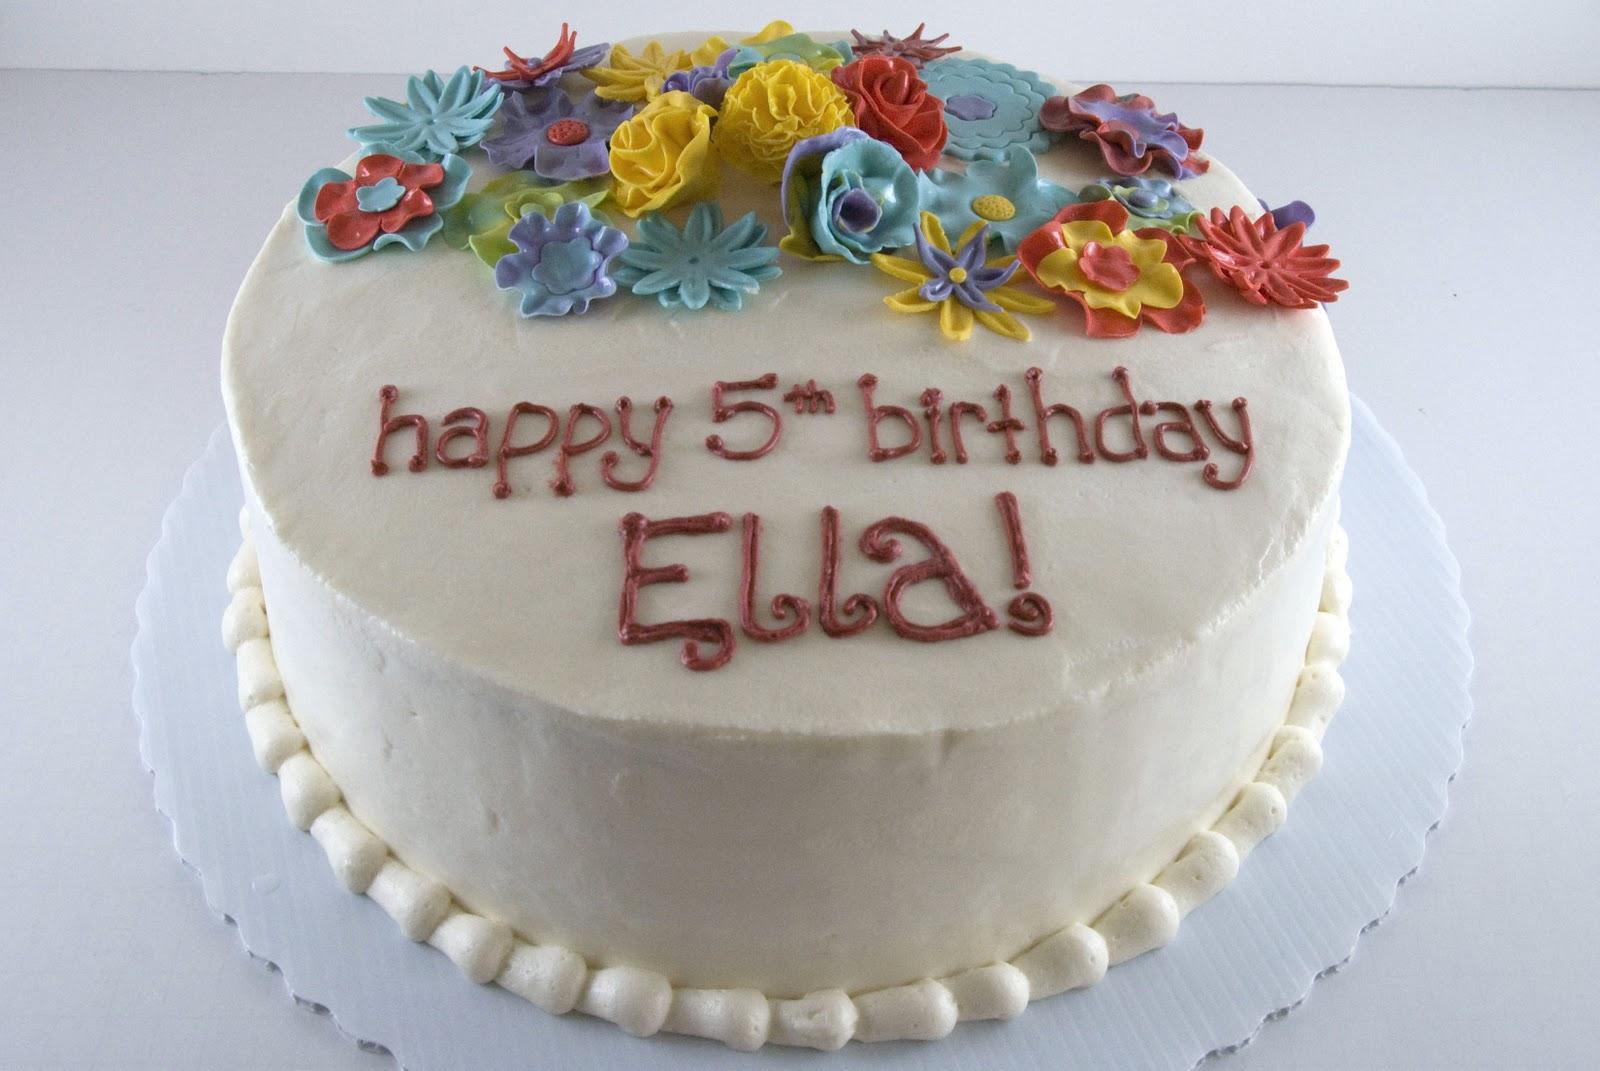 Night baking colorful flower garden birthday cake ellar0182g izmirmasajfo